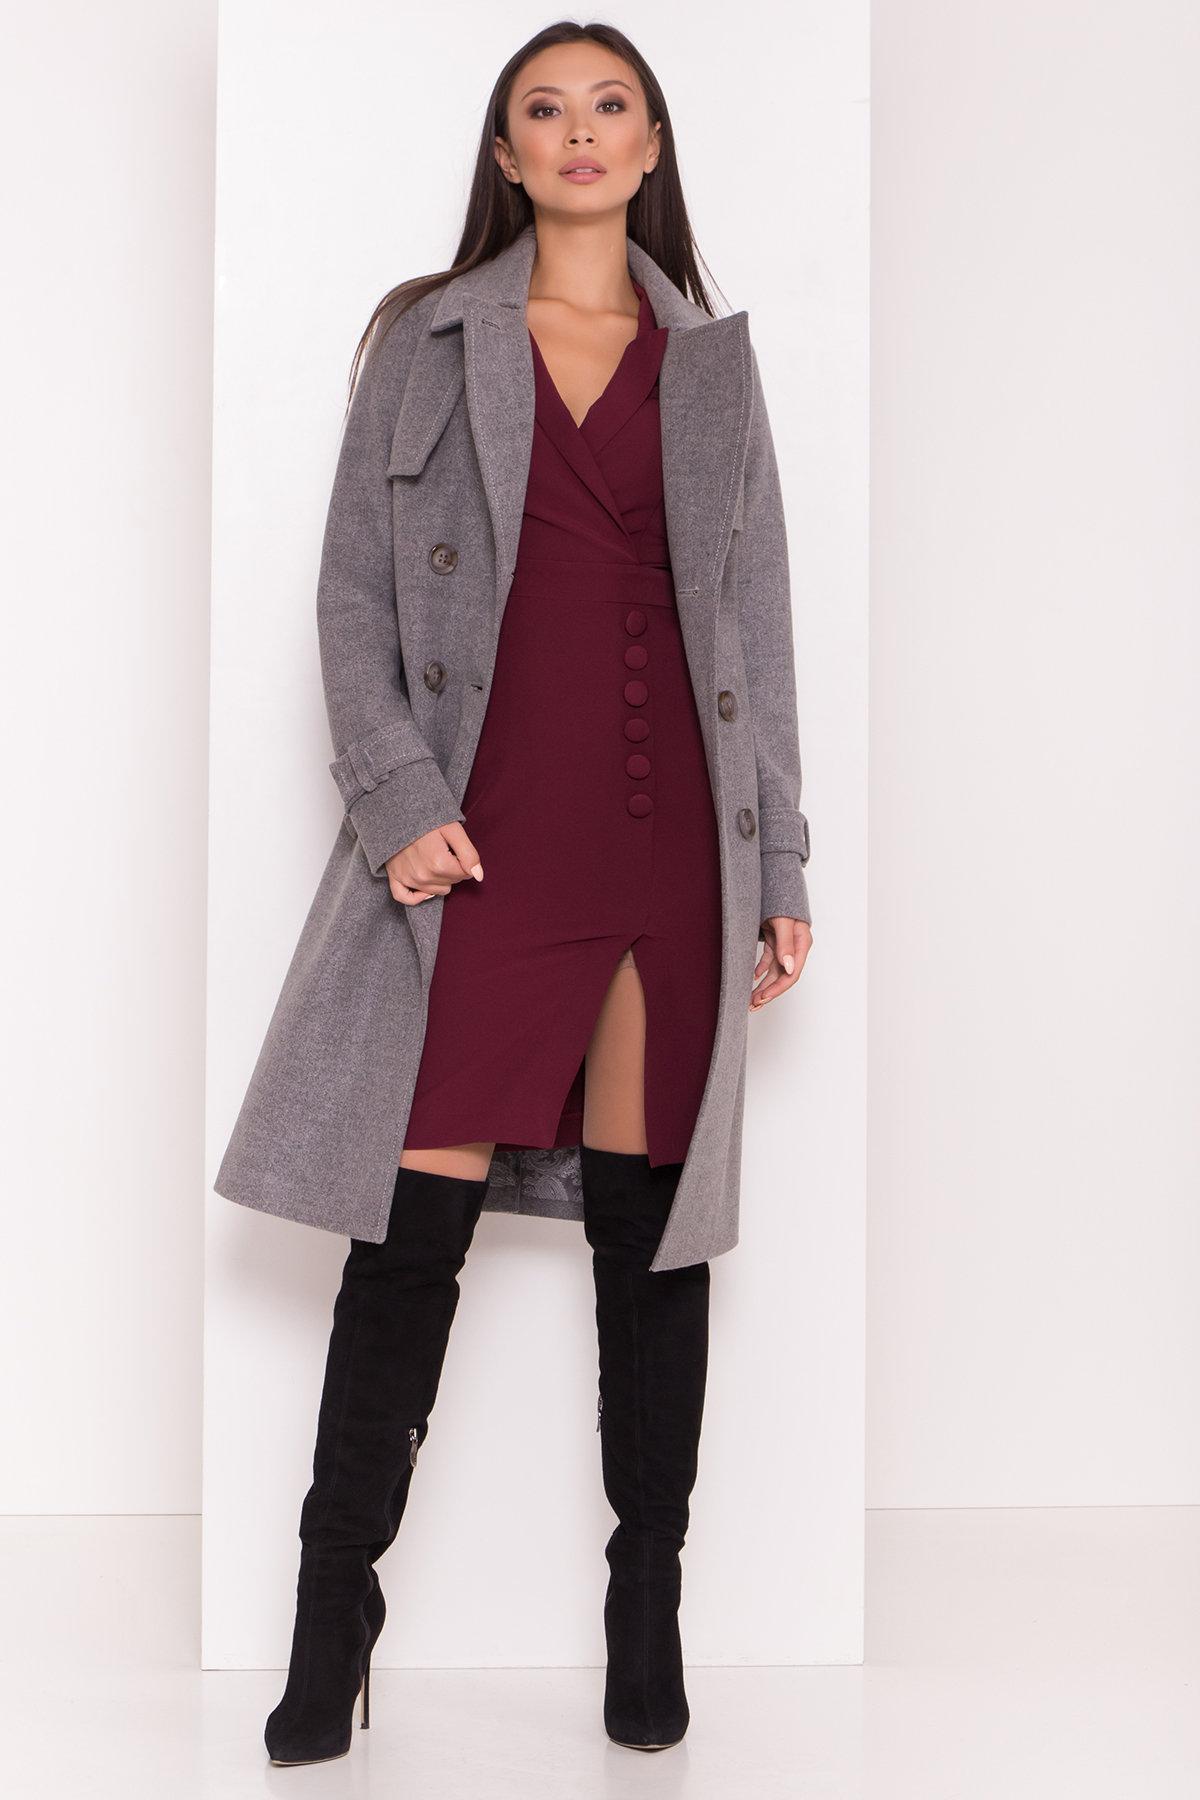 Элегантное пальто со съемным поясом Монте 8087 АРТ. 44029 Цвет: Серый 18 - фото 2, интернет магазин tm-modus.ru